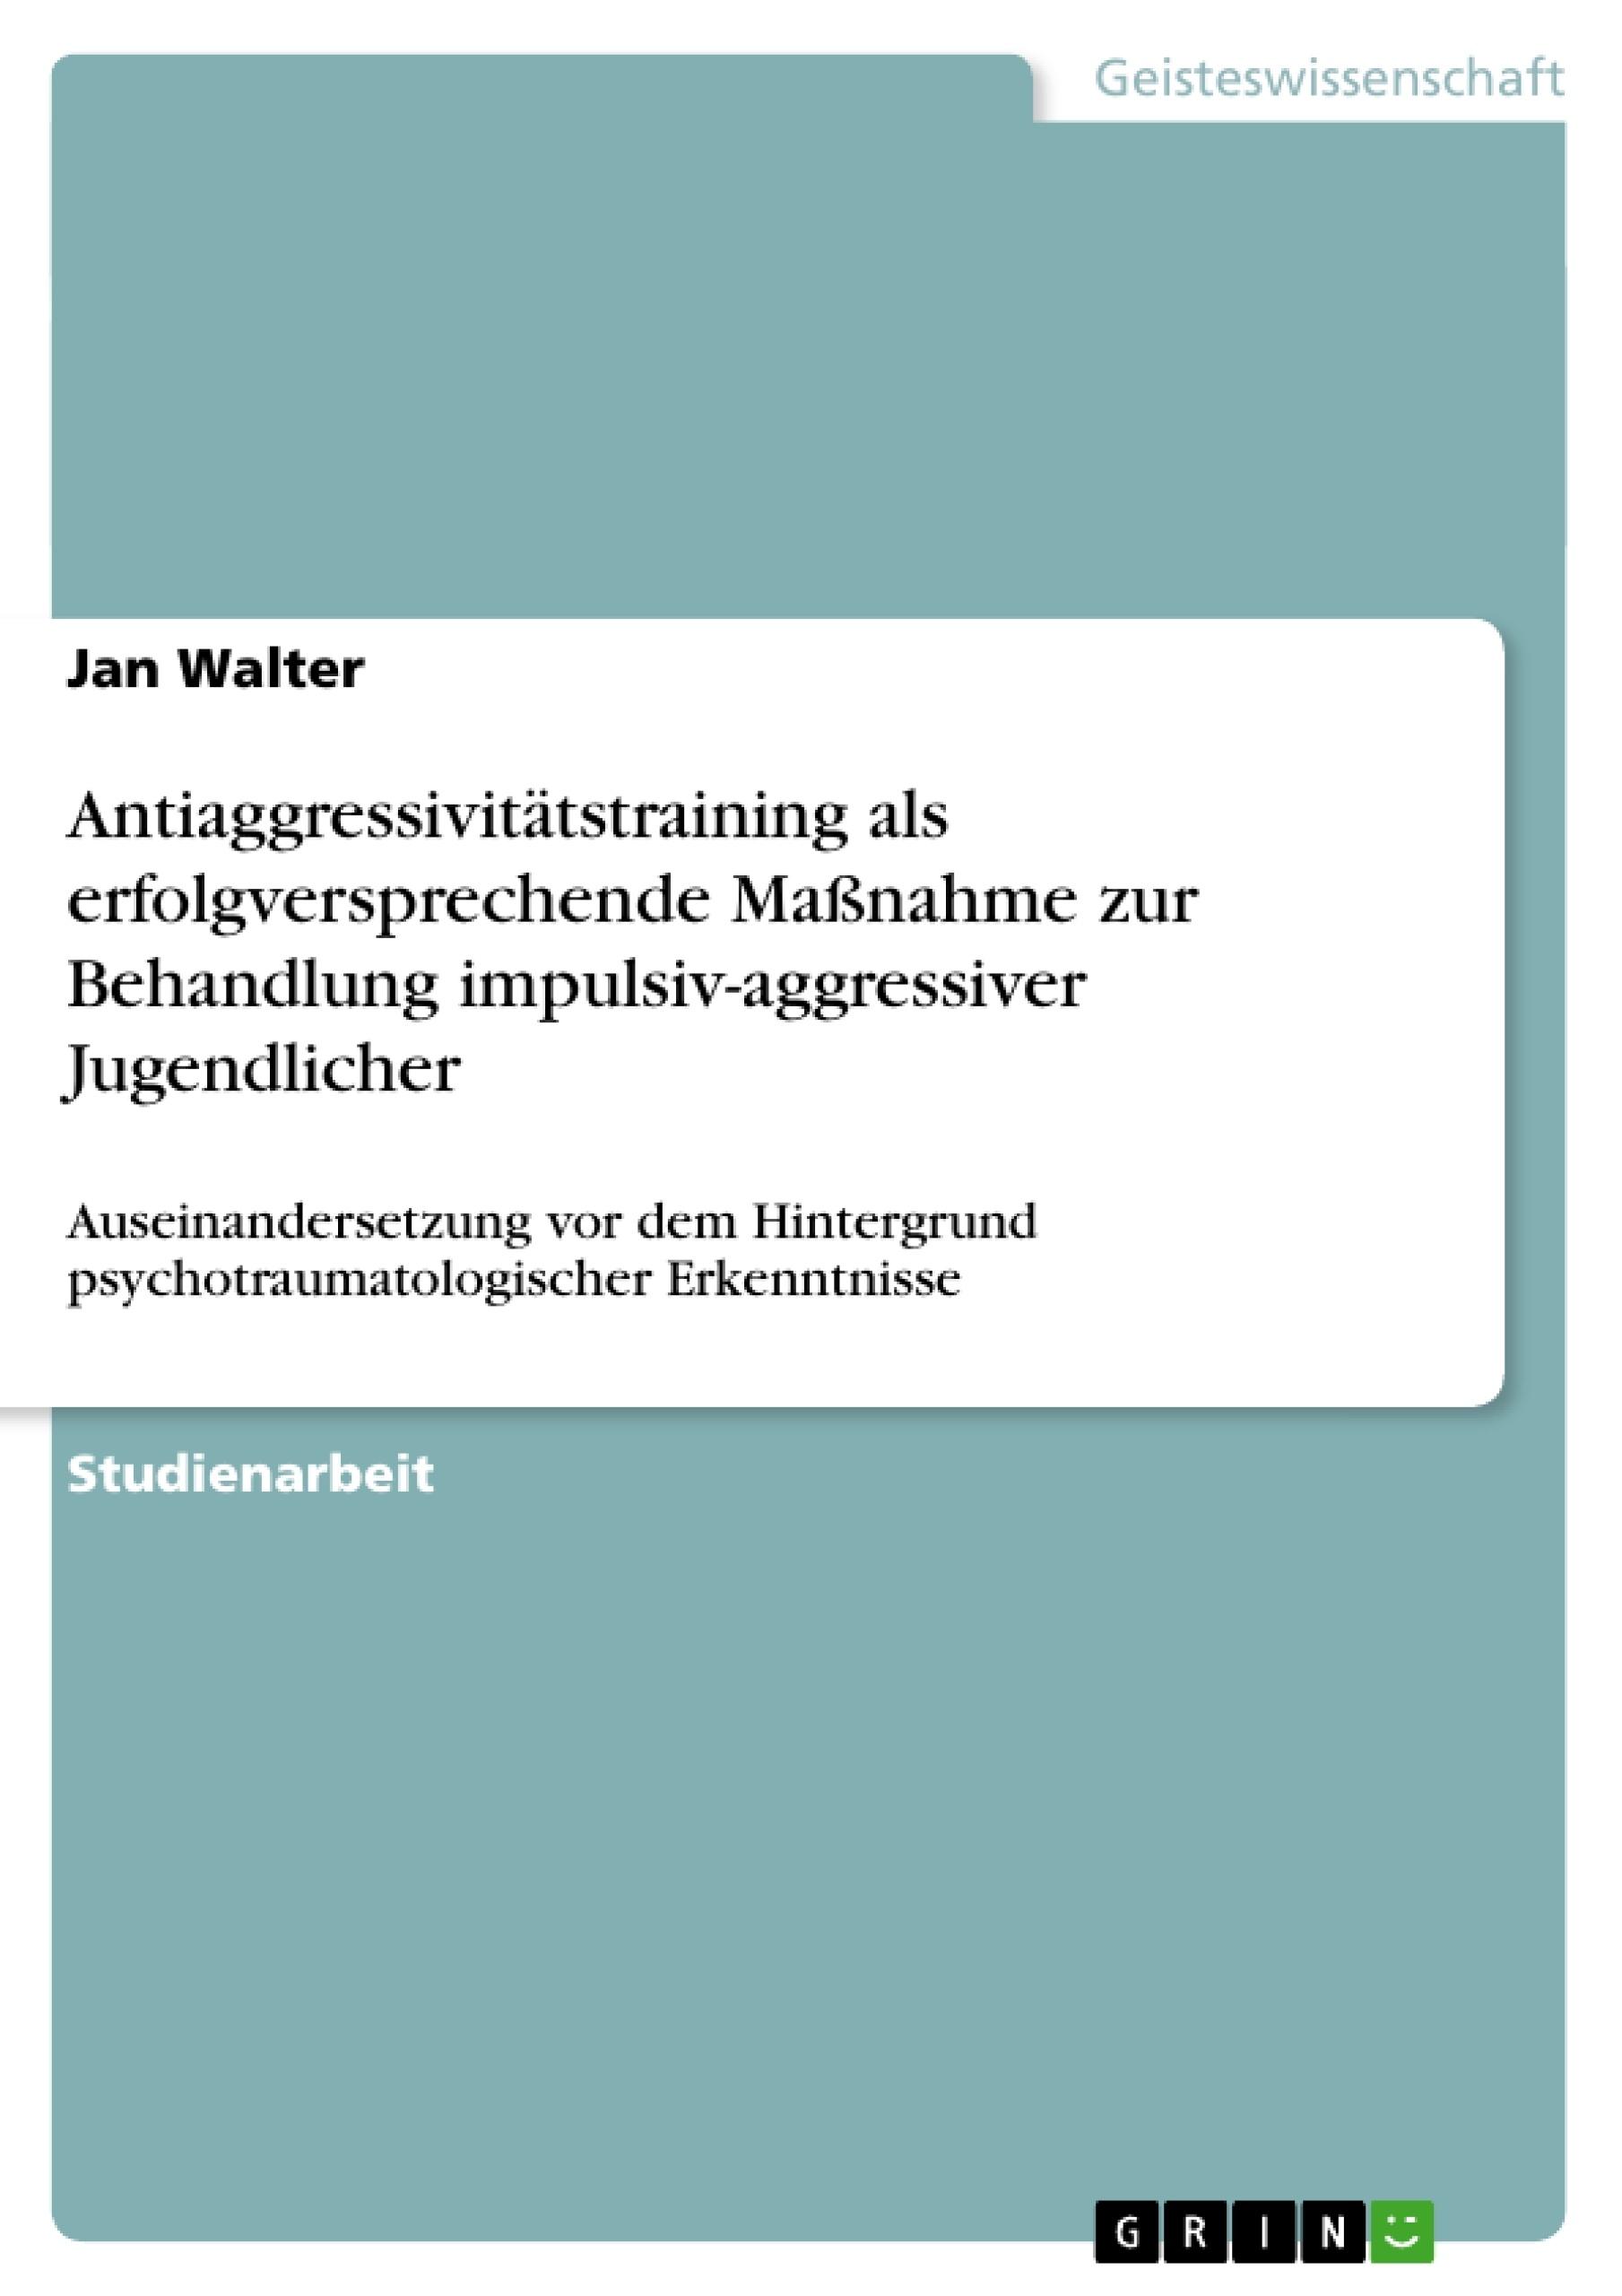 Titel: Antiaggressivitätstraining als erfolgversprechende Maßnahme zur Behandlung impulsiv-aggressiver Jugendlicher